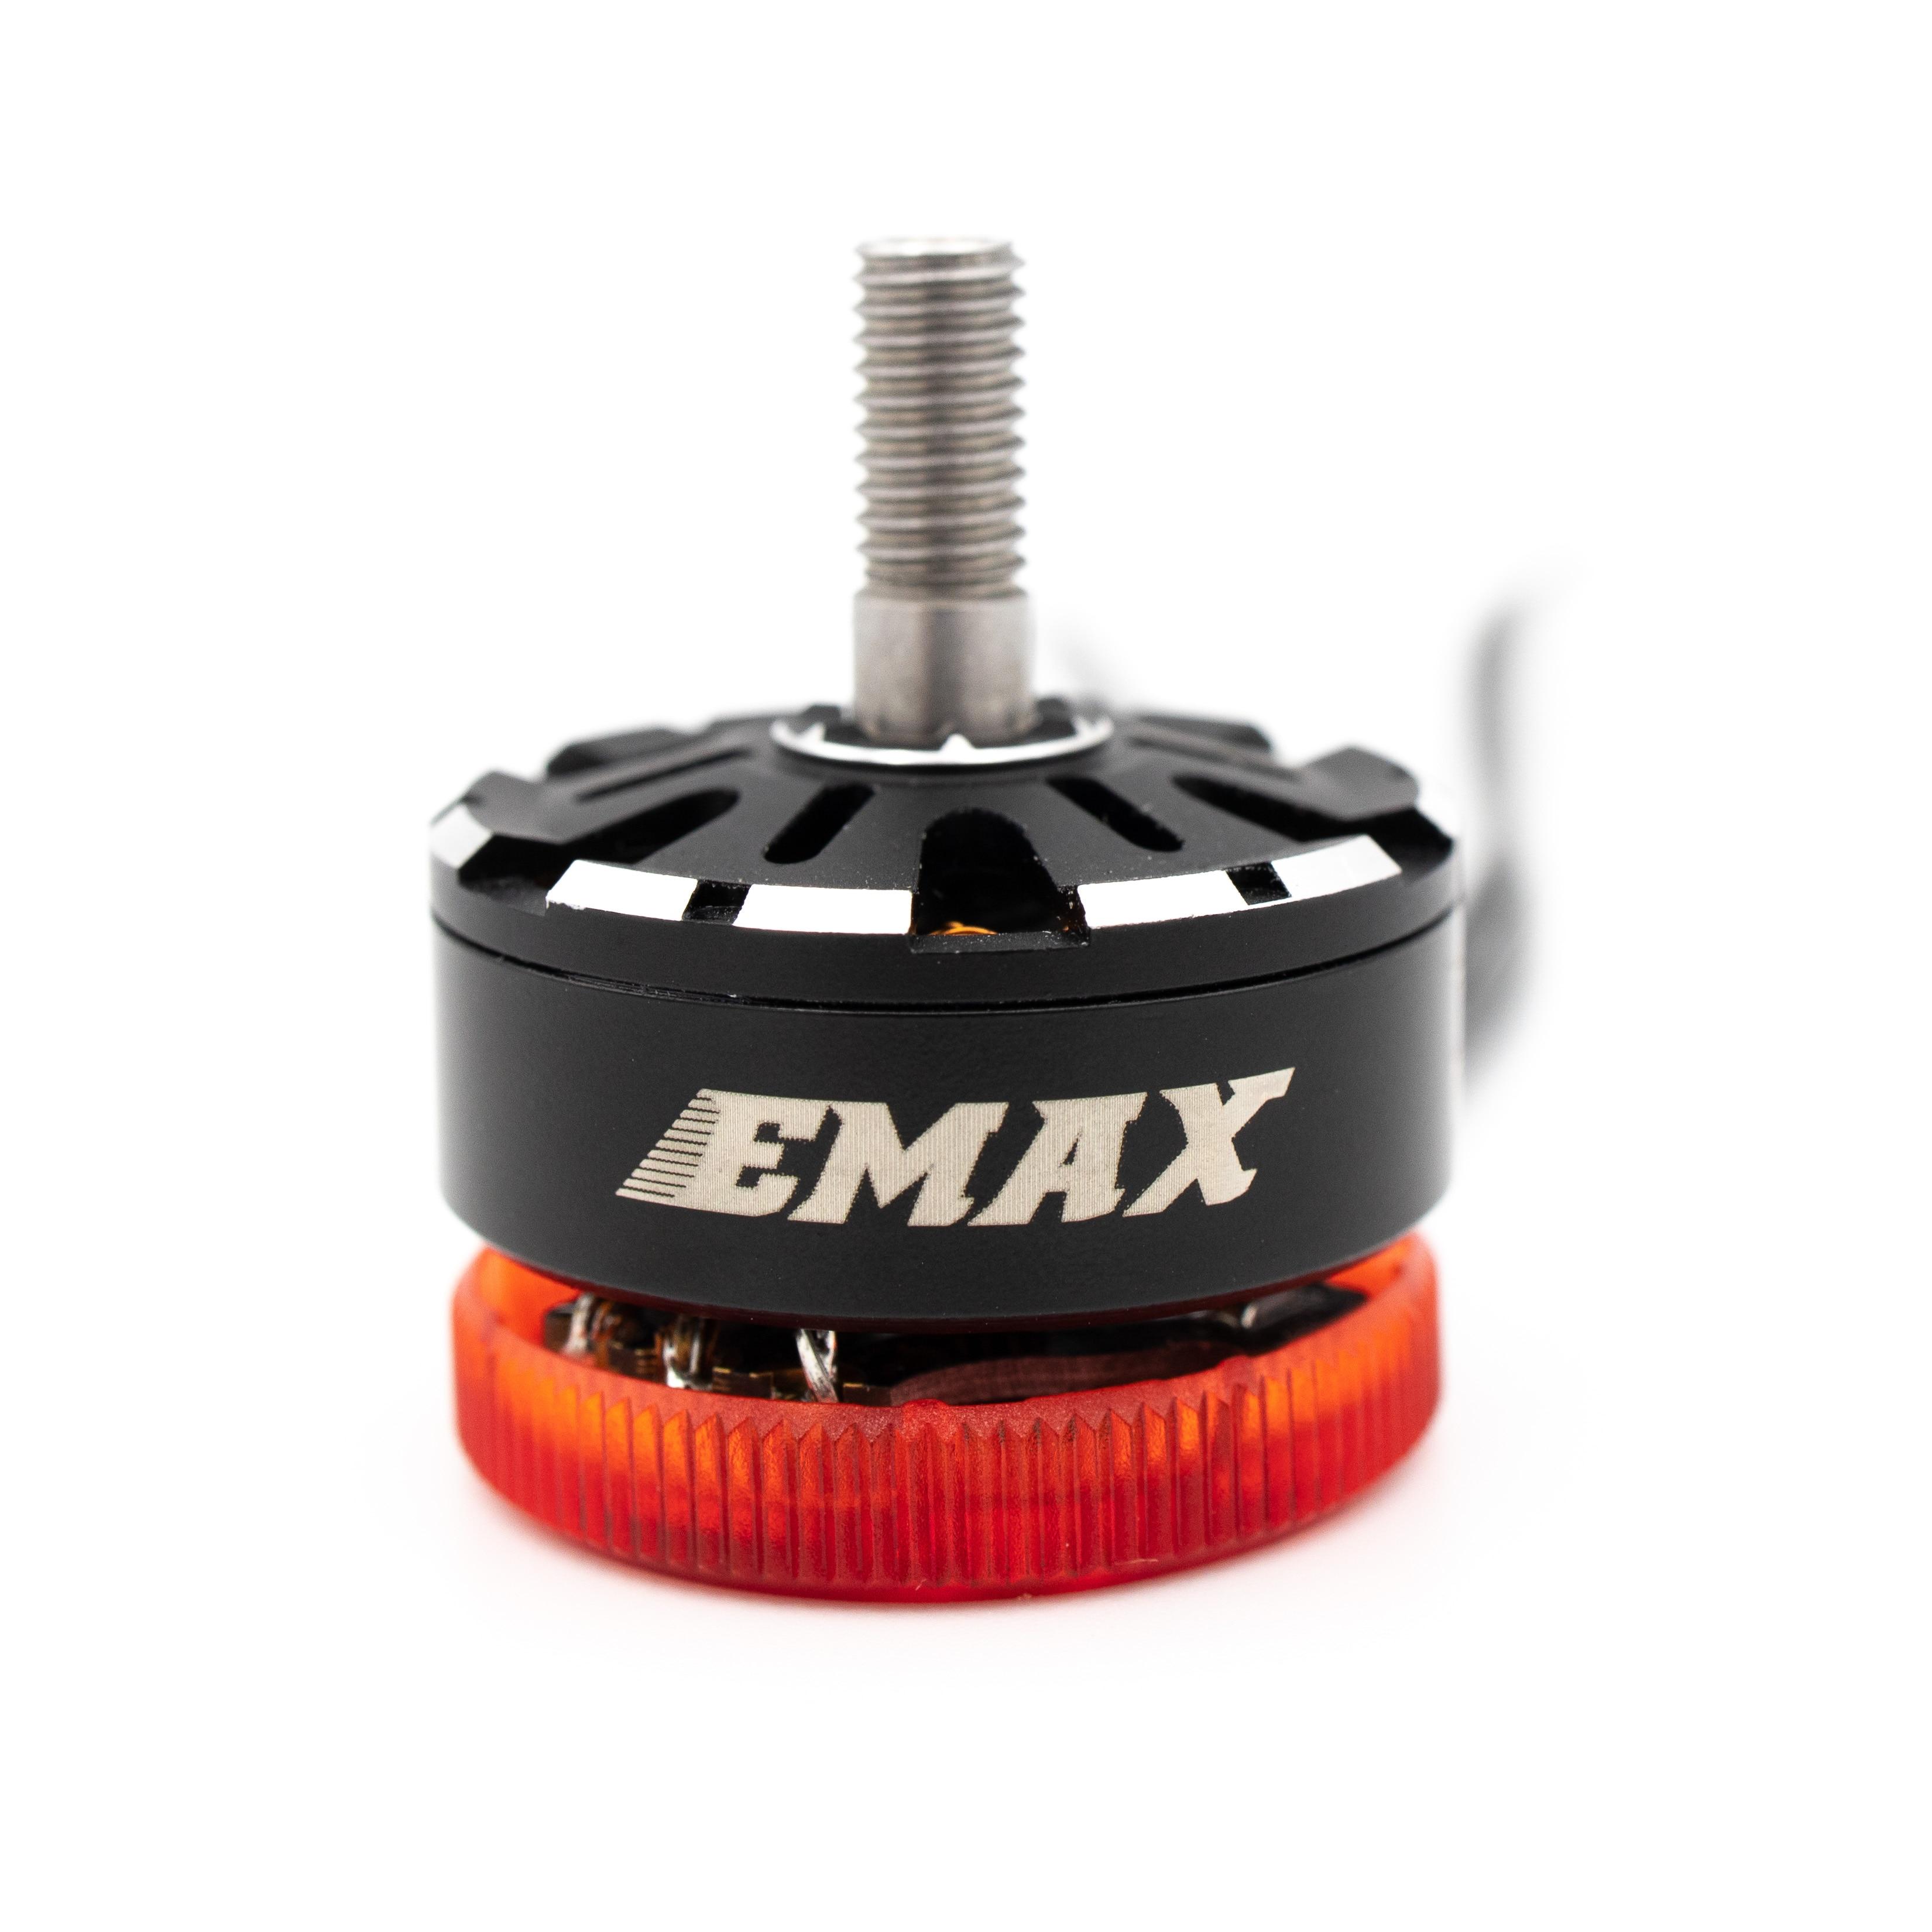 EMAX Pulsar 2306 LED Licht Bürstenlosen Motor 1700KV 2400KV 3 6S Transluzenten Motor Basis 5 zoll requisiten für hawk 5 Pro FPV Racing Drone